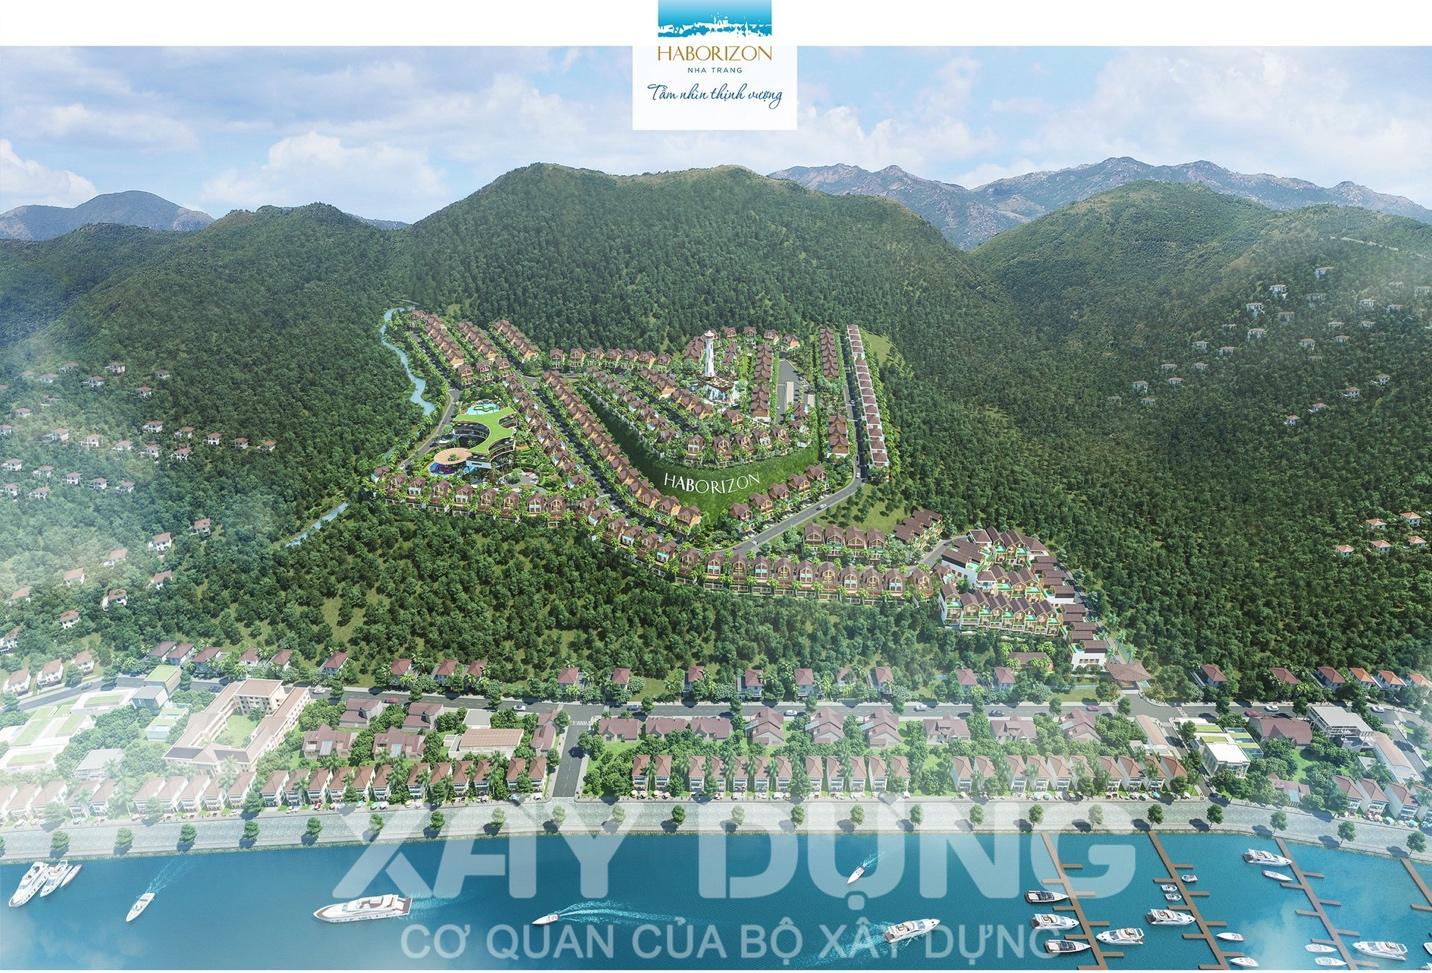 Khánh Hòa: Lấy đất quy hoạch rừng phòng hộ làm dự án Haborizon